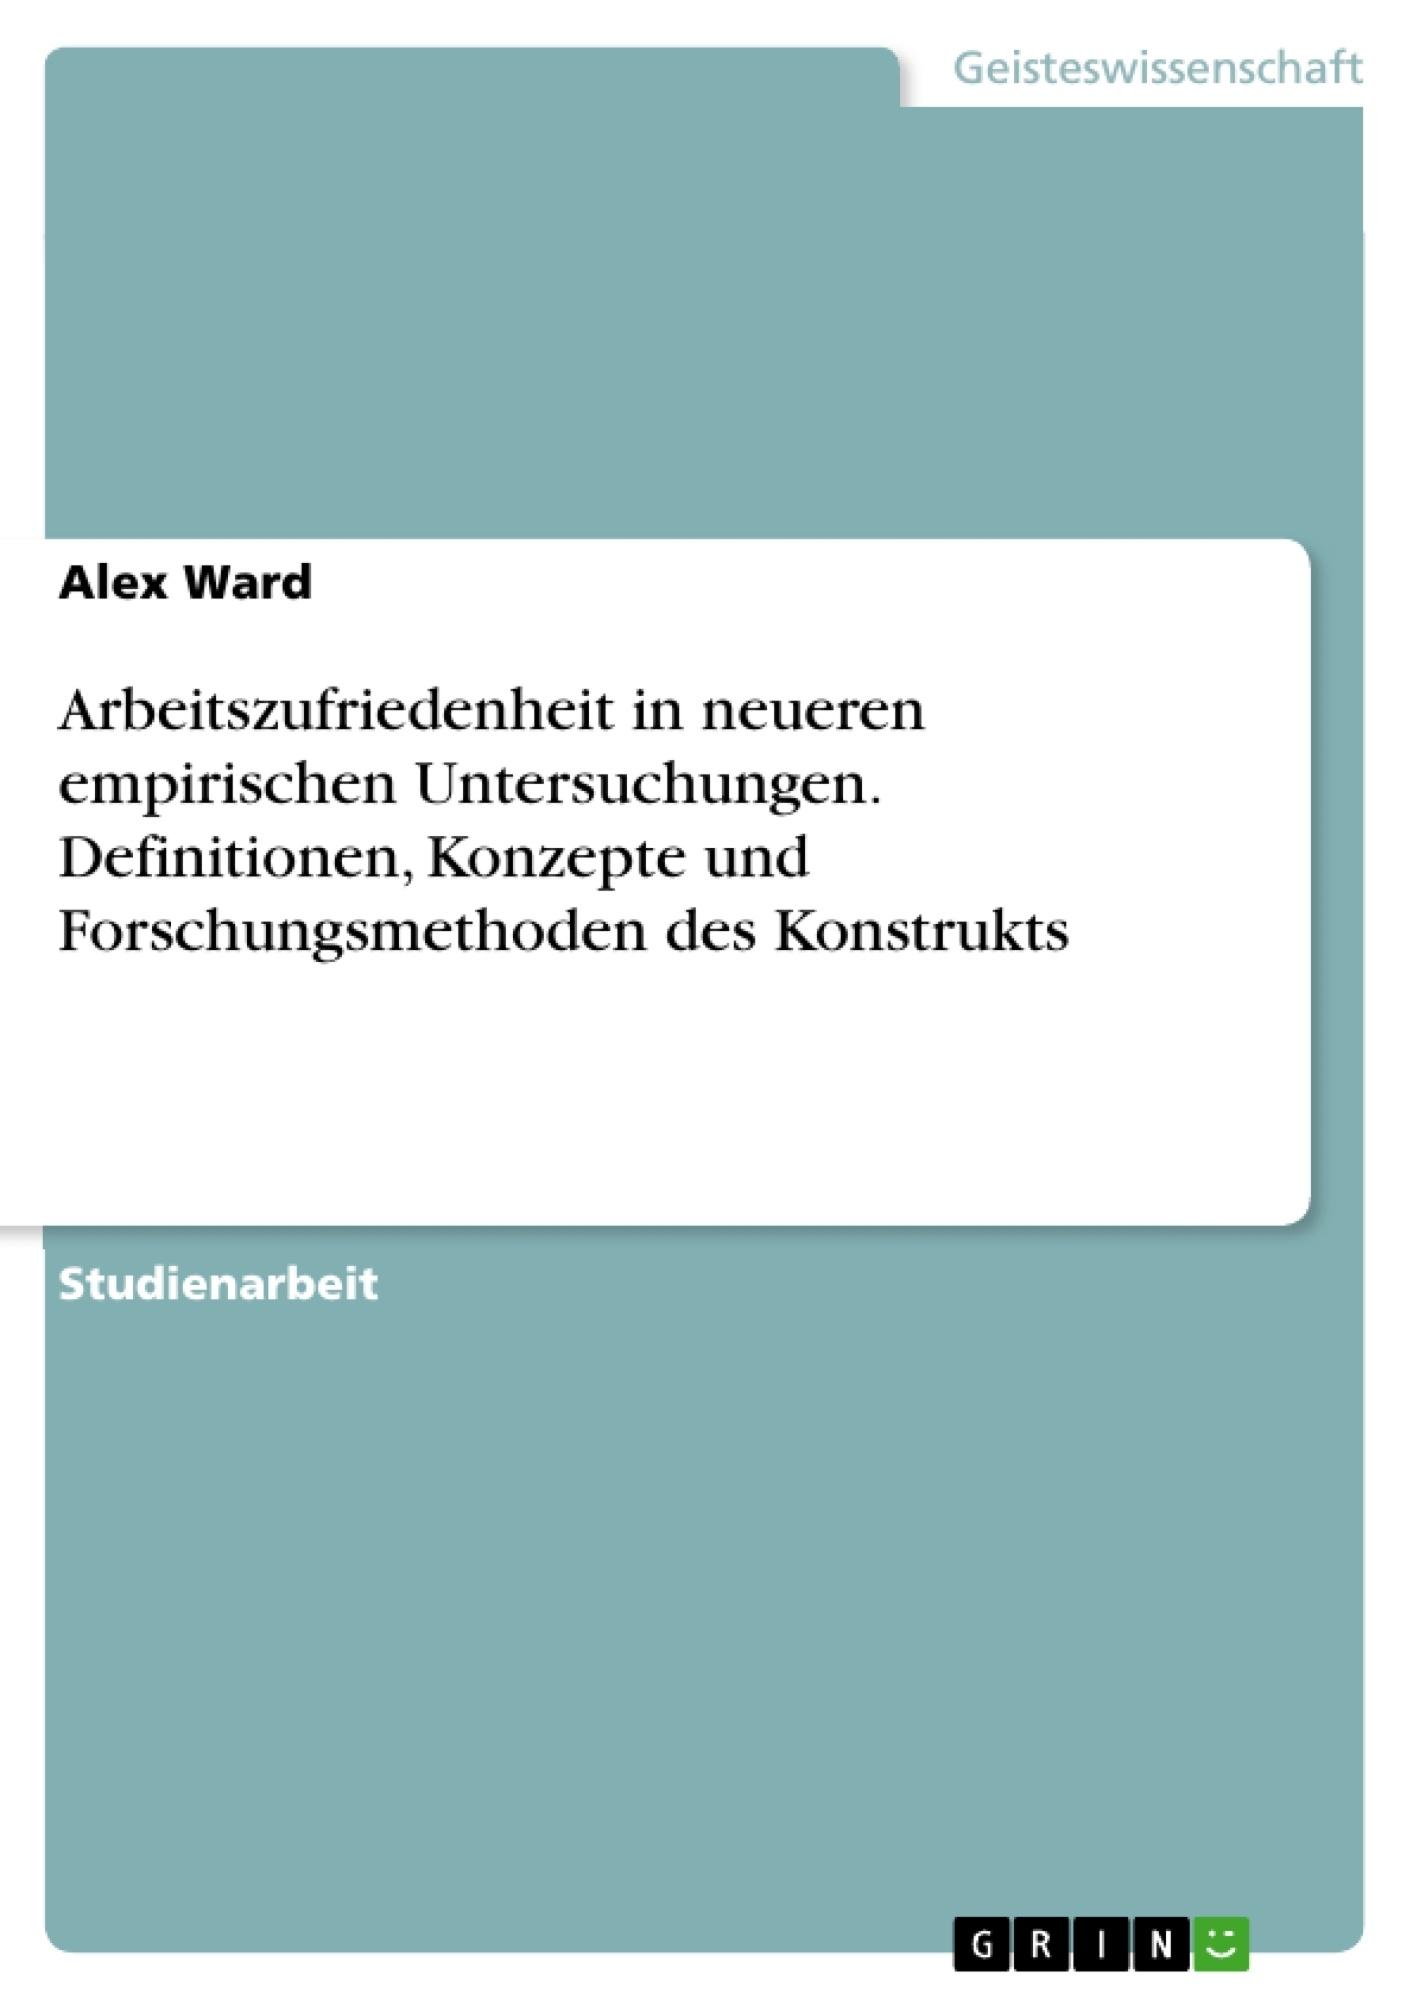 Titel: Arbeitszufriedenheit in neueren empirischen Untersuchungen. Definitionen, Konzepte und Forschungsmethoden des Konstrukts